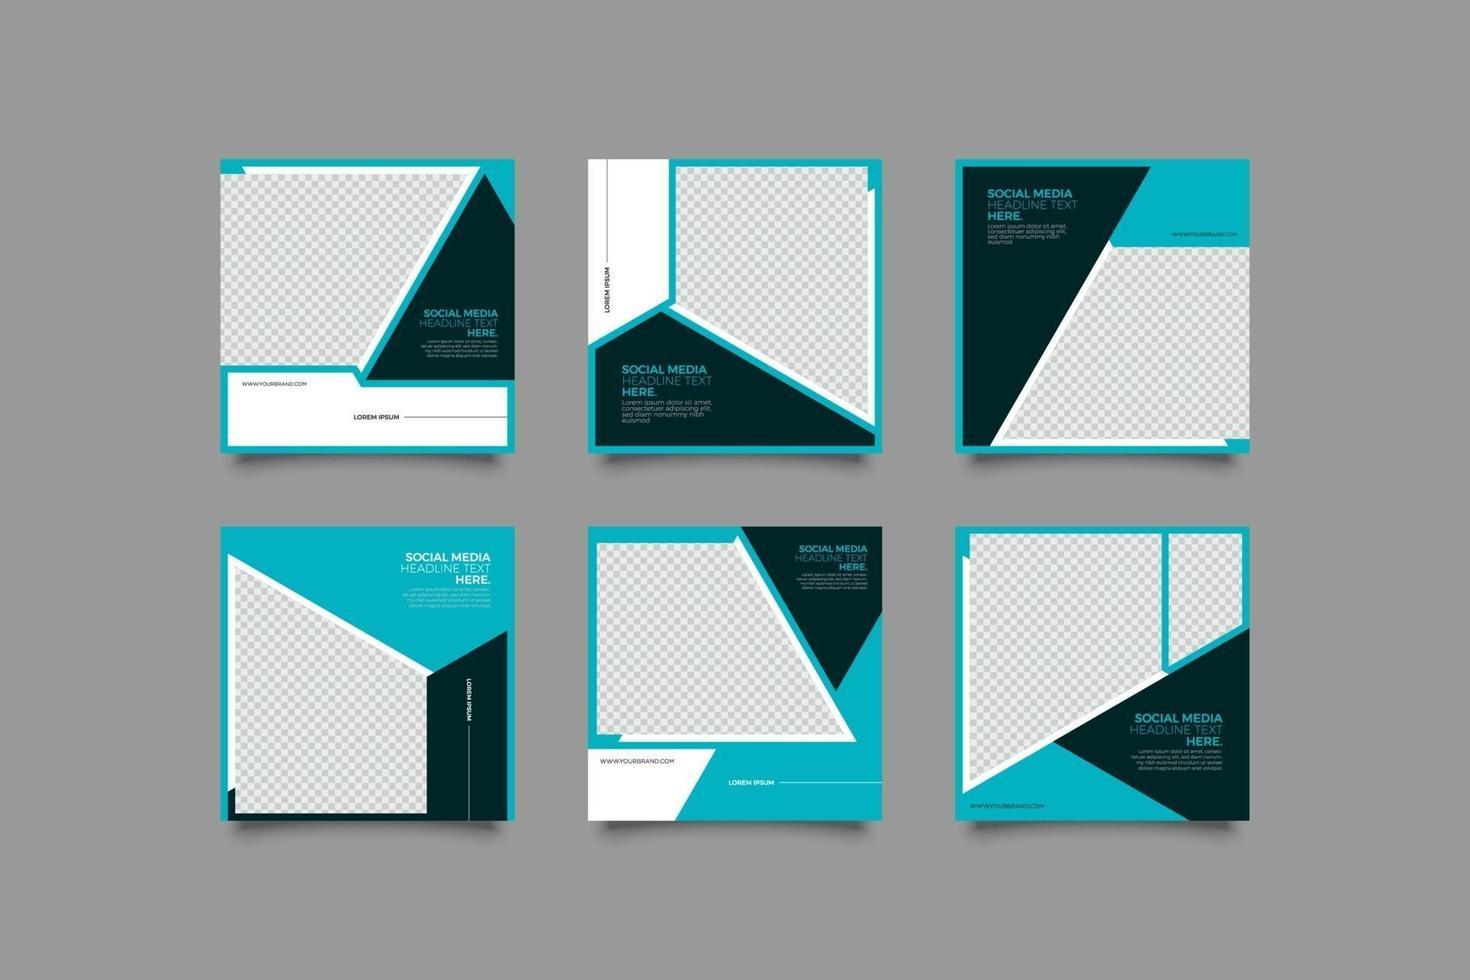 blauwe zakelijke geometrische instagram-postsjablonenbundel vector